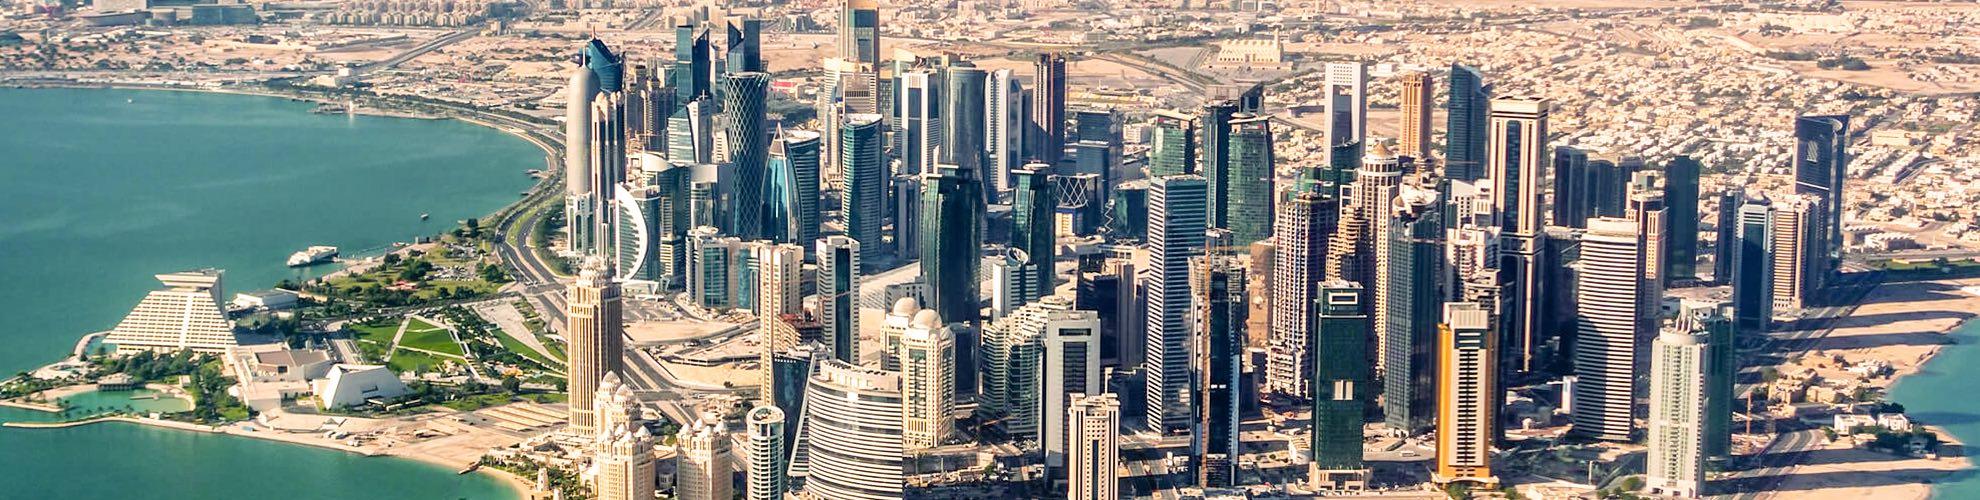 Doha Karte Welt.Doha Katar In World Map Karte Von Doha Katar Auf Der